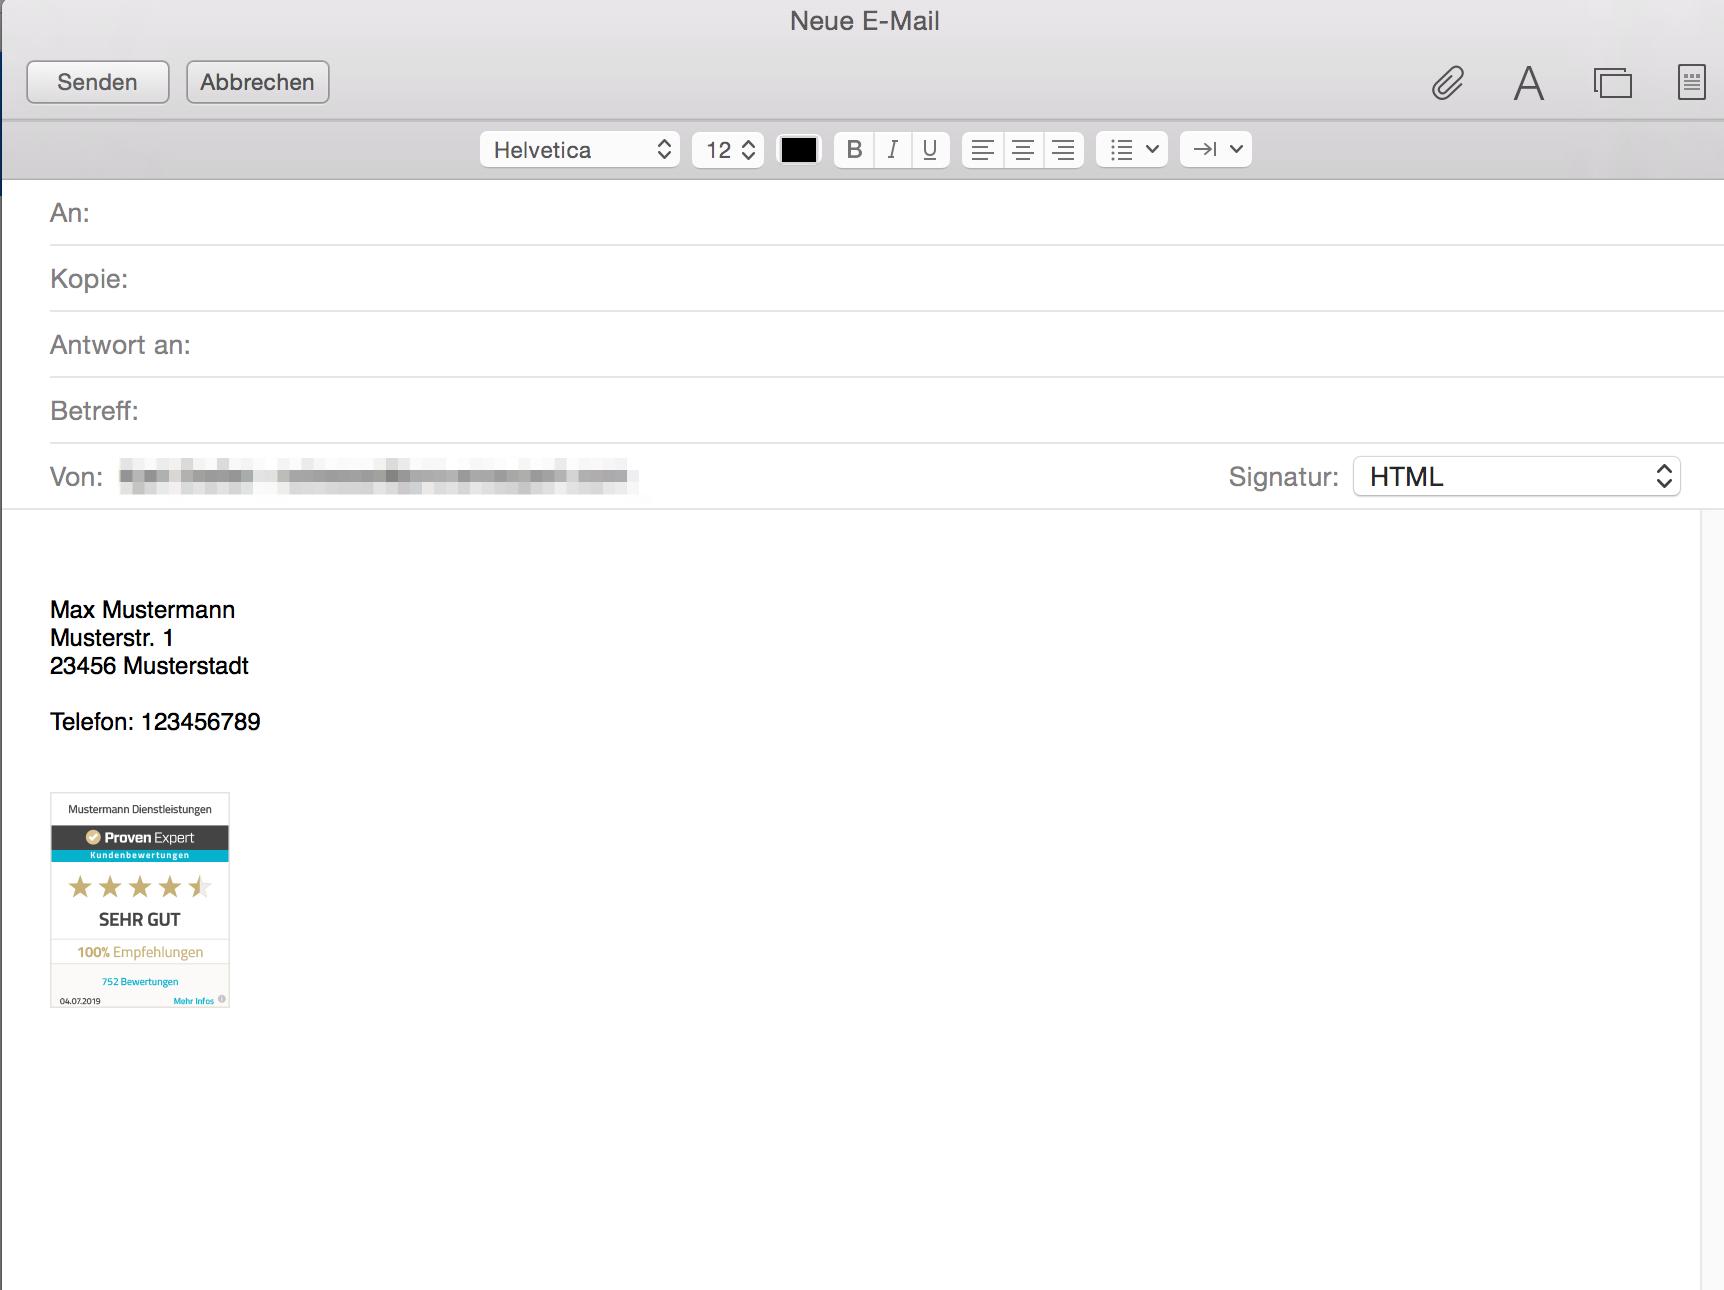 """Wählen Sie bitte rechts """"HTML"""" aus, um die Siegel-Grafik richtig anzeigen zu lassen."""